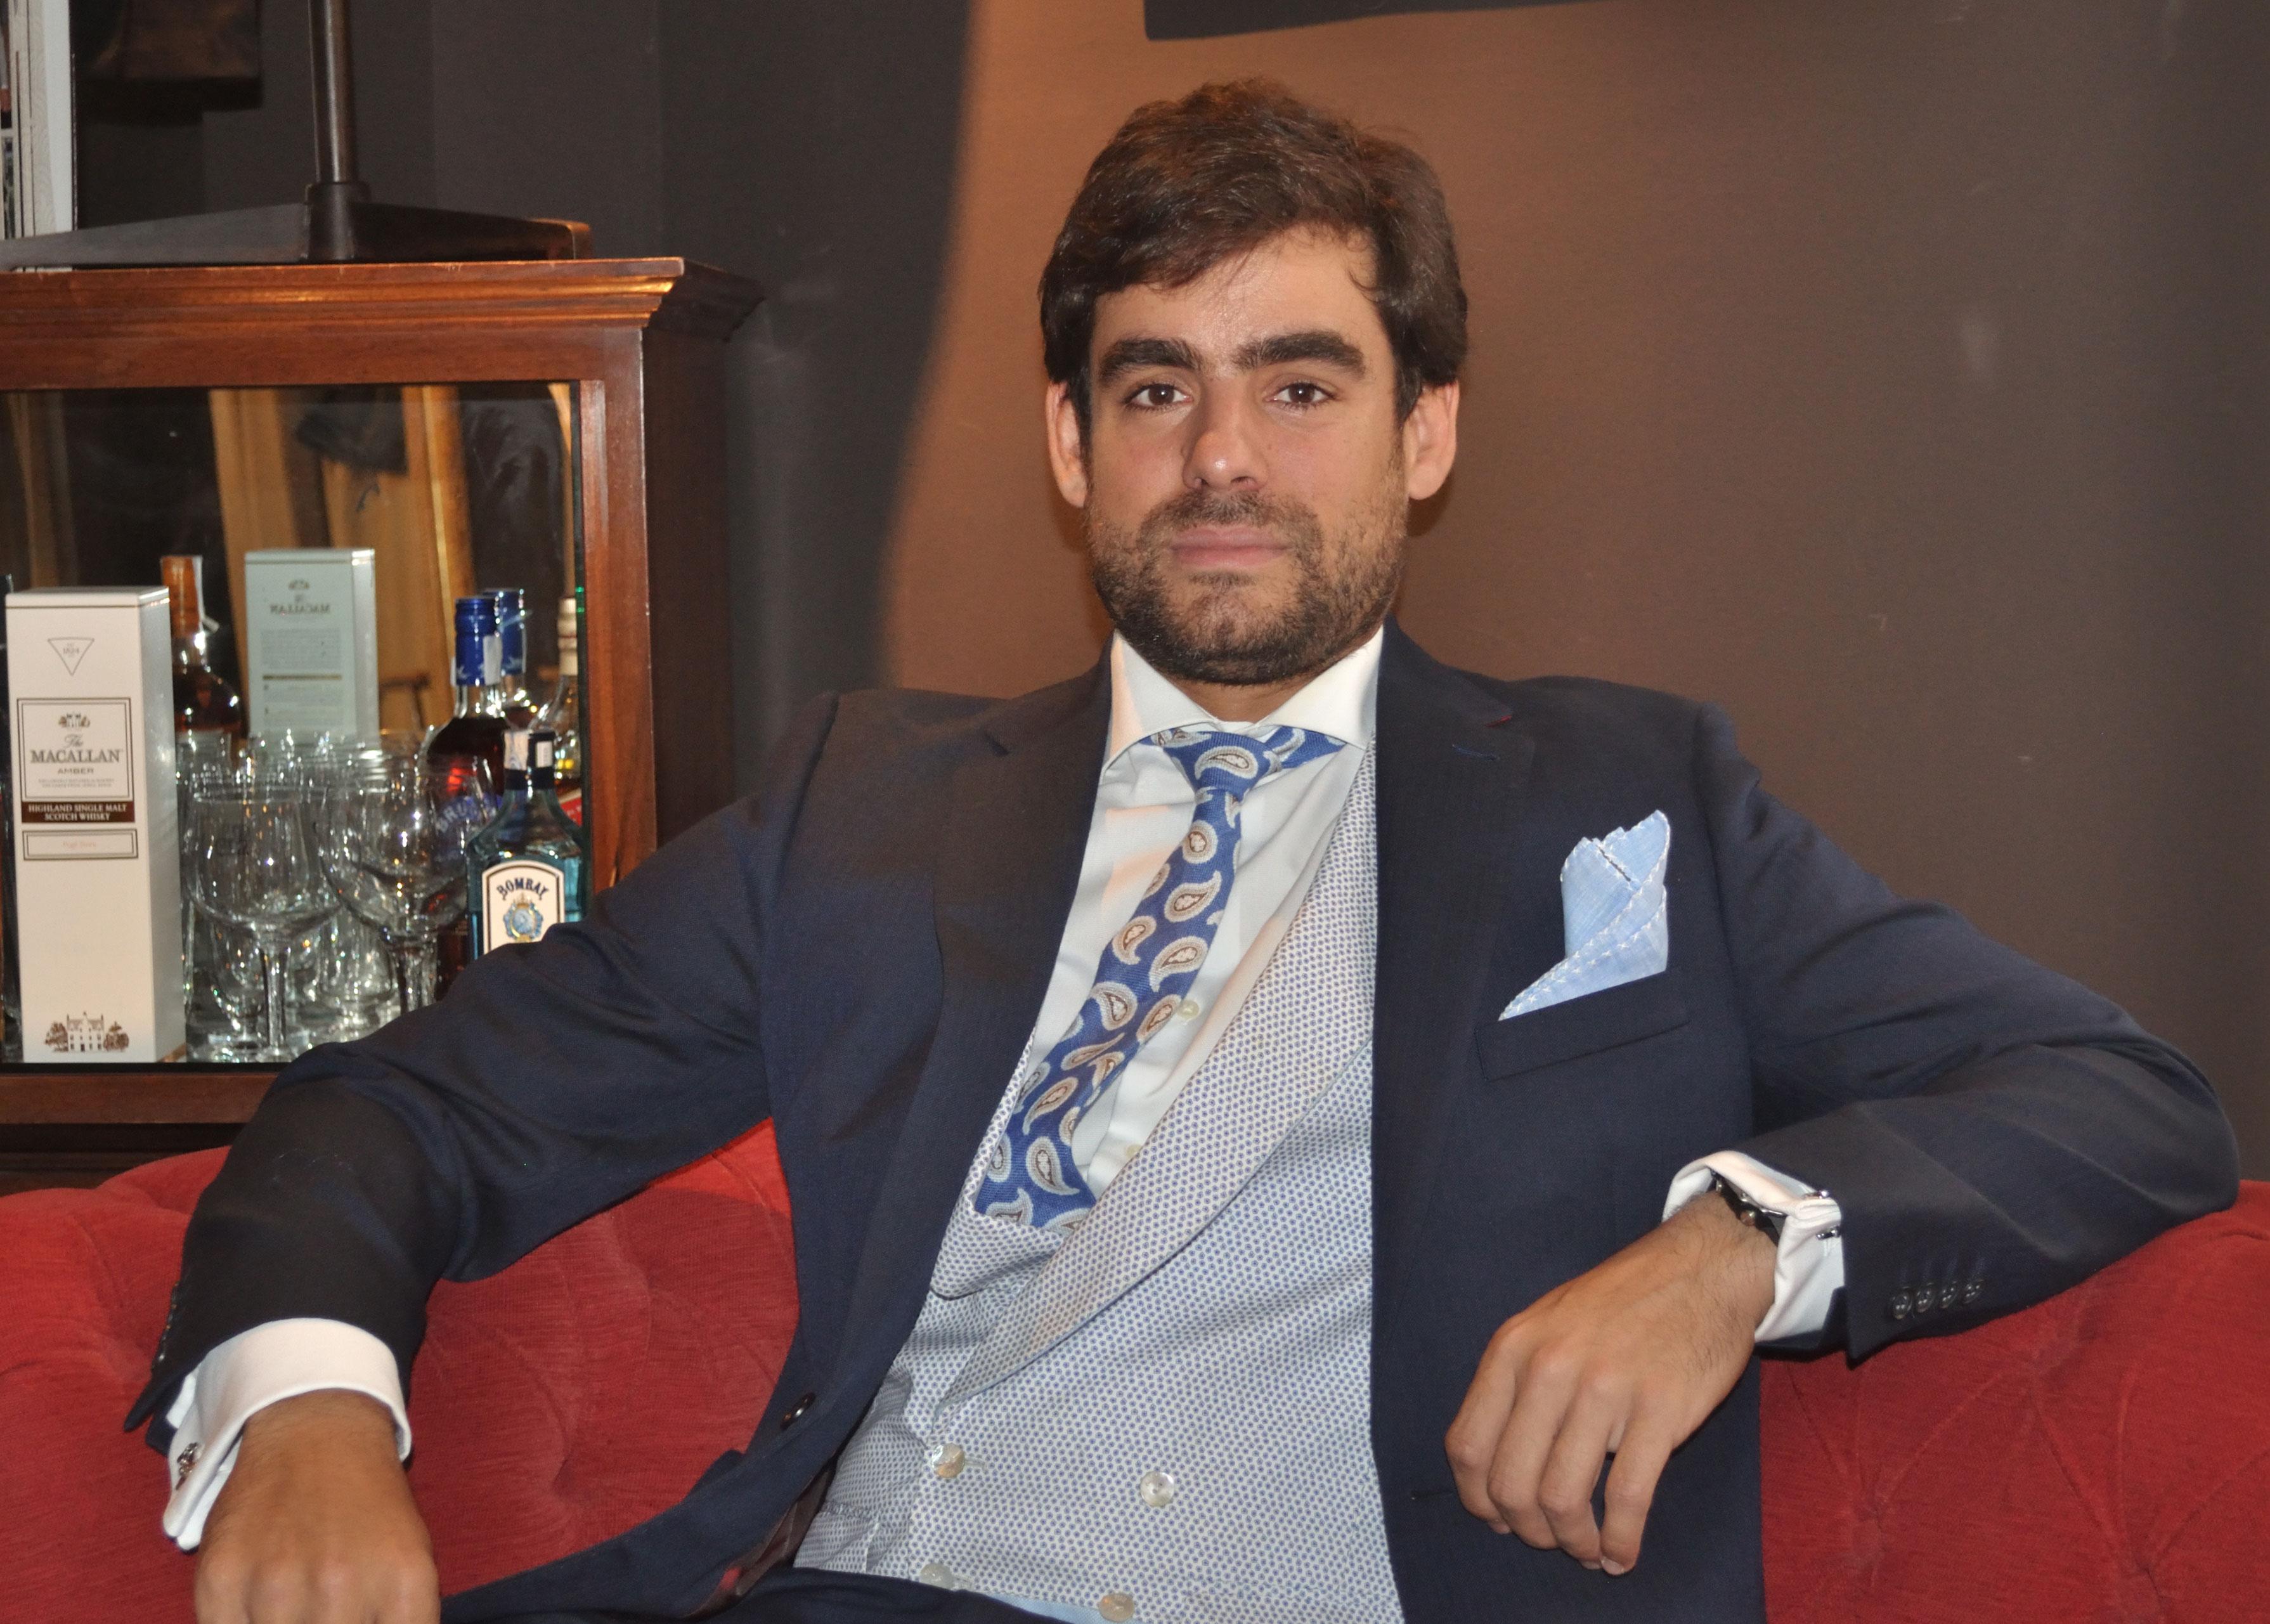 Alvaro de la Peña con chaleco reversible de Pugil